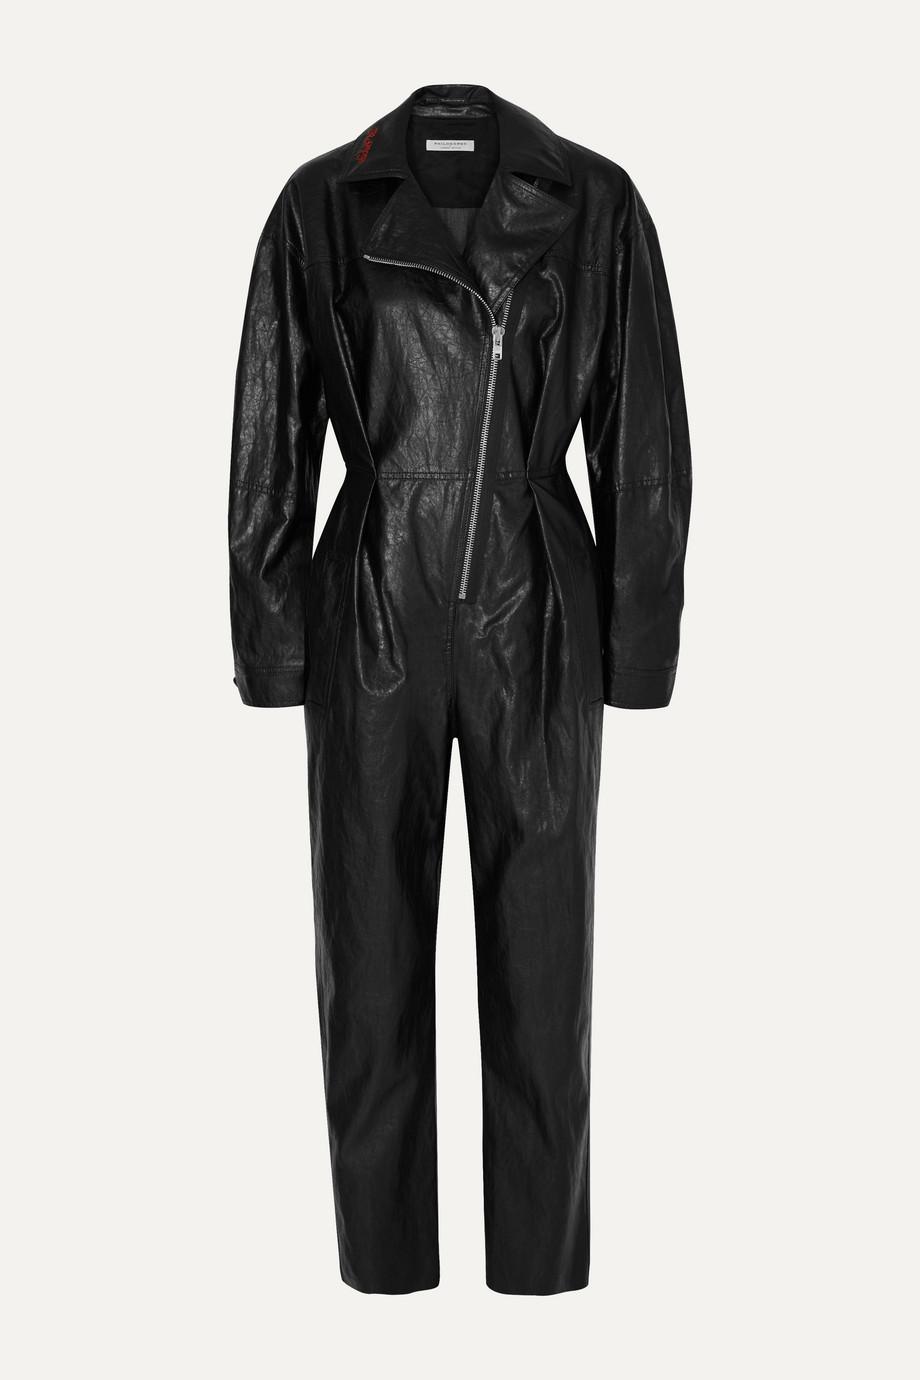 Philosophy di Lorenzo Serafini Combi-pantalon en cuir synthétique froissé à broderies